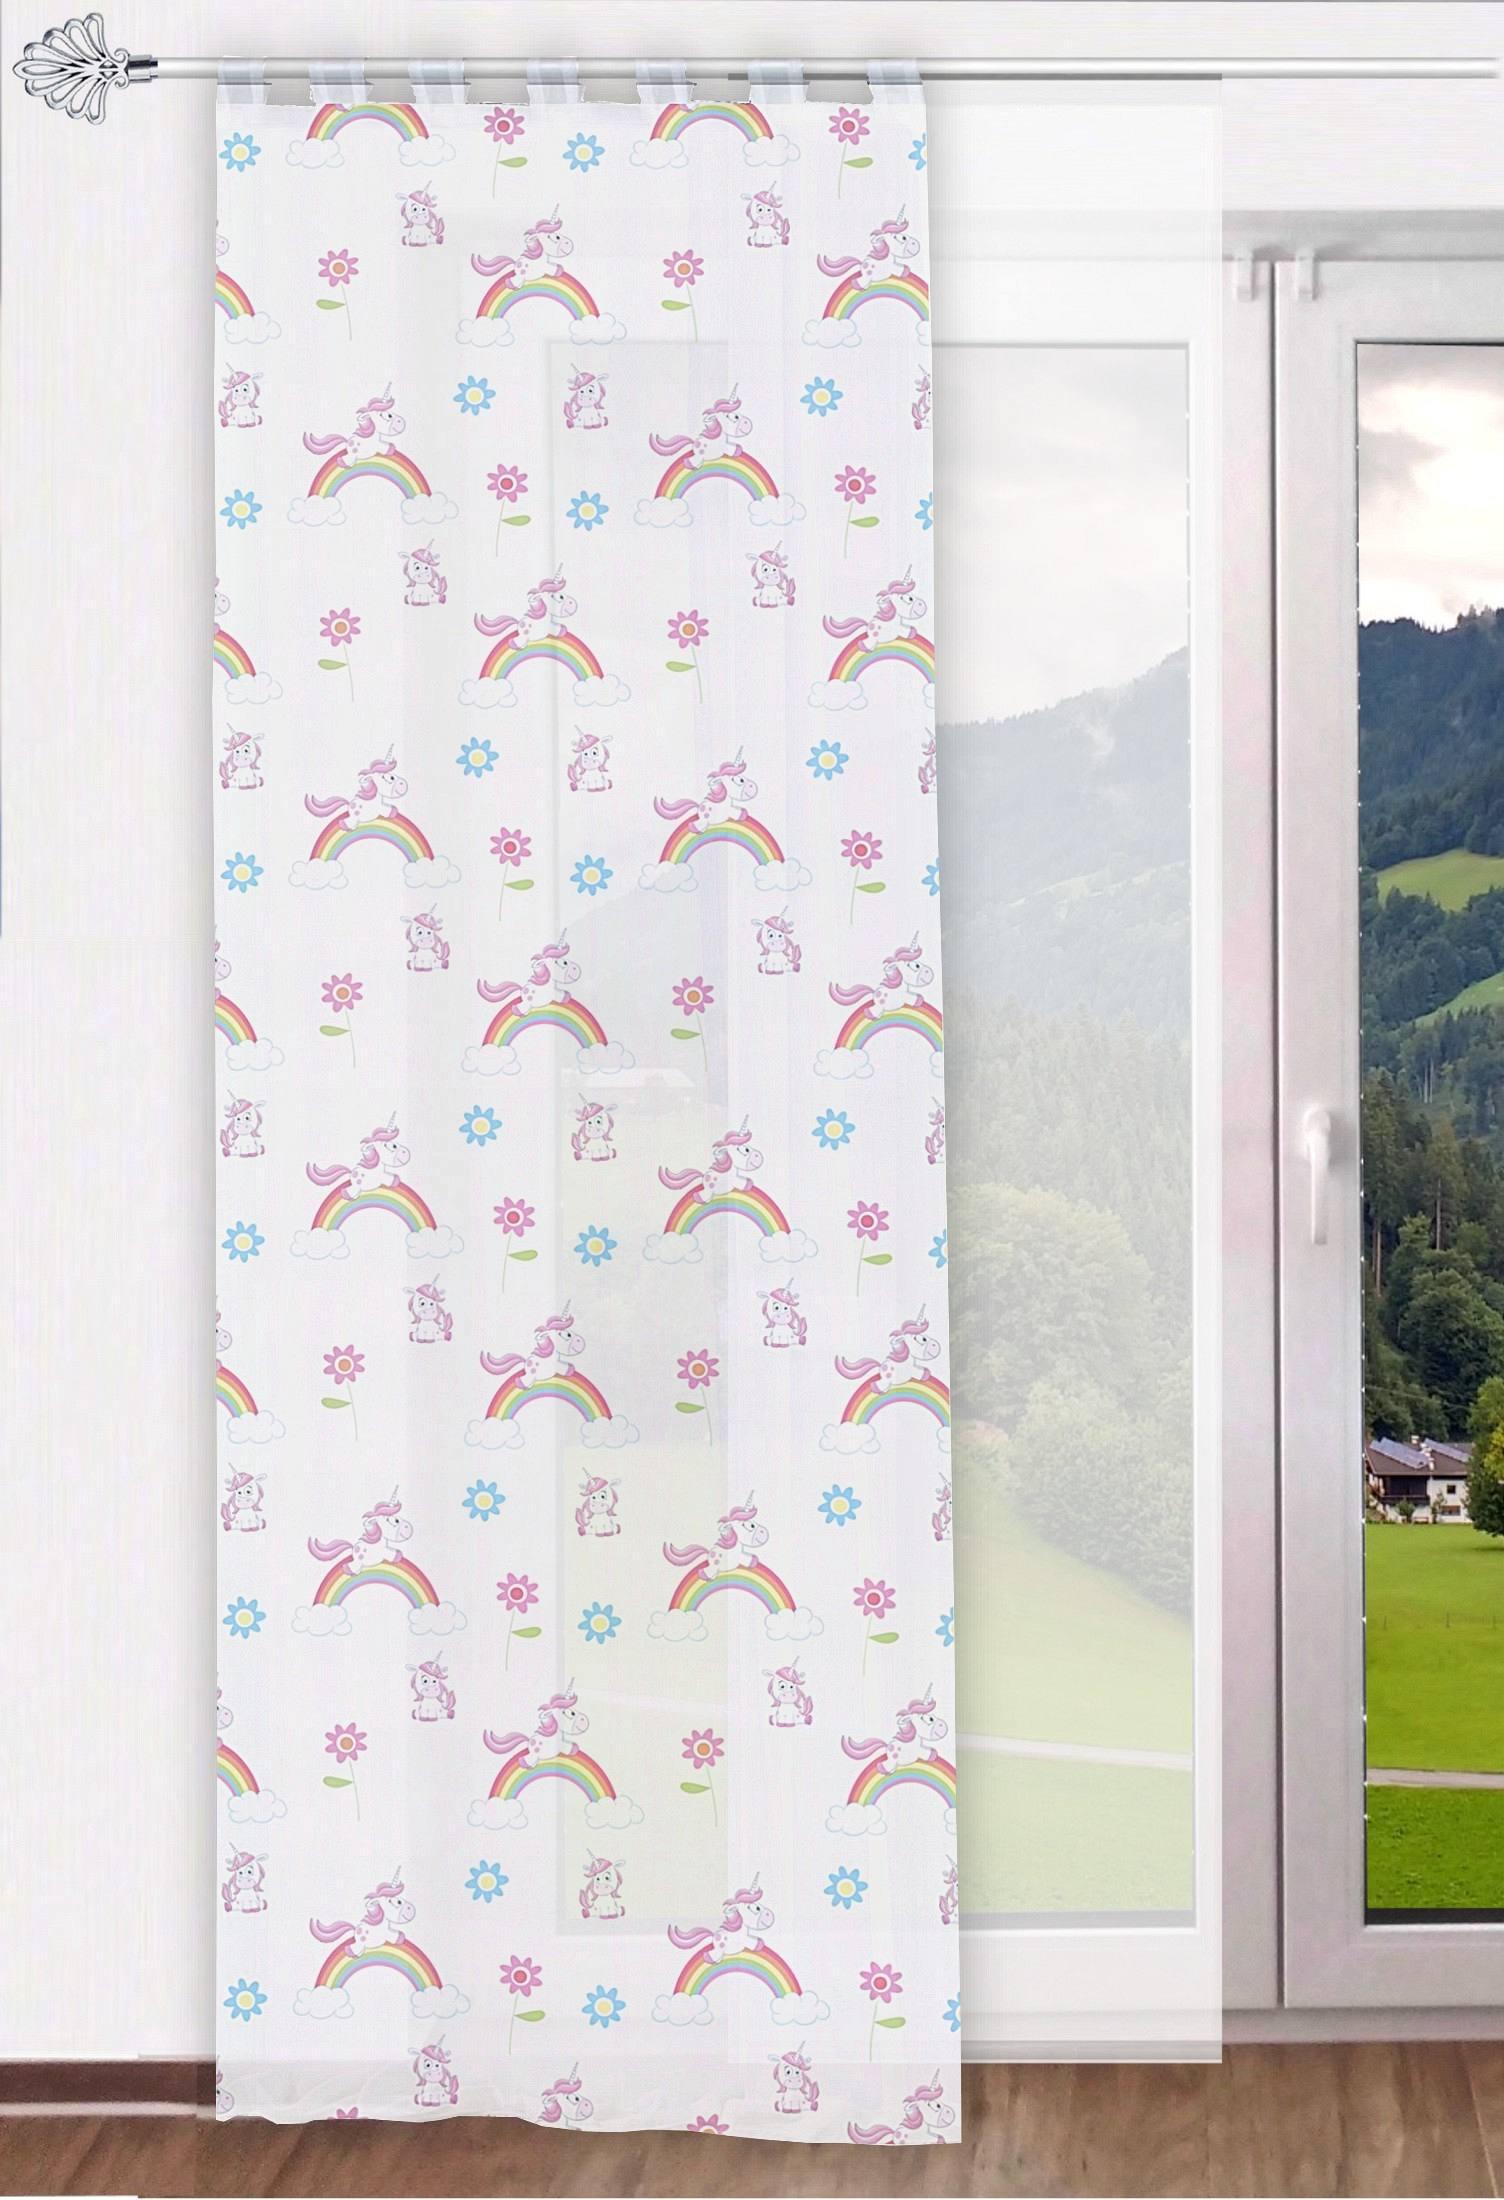 Full Size of Gardinen Welt Online Shop Moderner Schlaufenschal Aus Regal Kinderzimmer Weiß Sofa Regale Kinderzimmer Schlaufenschal Kinderzimmer